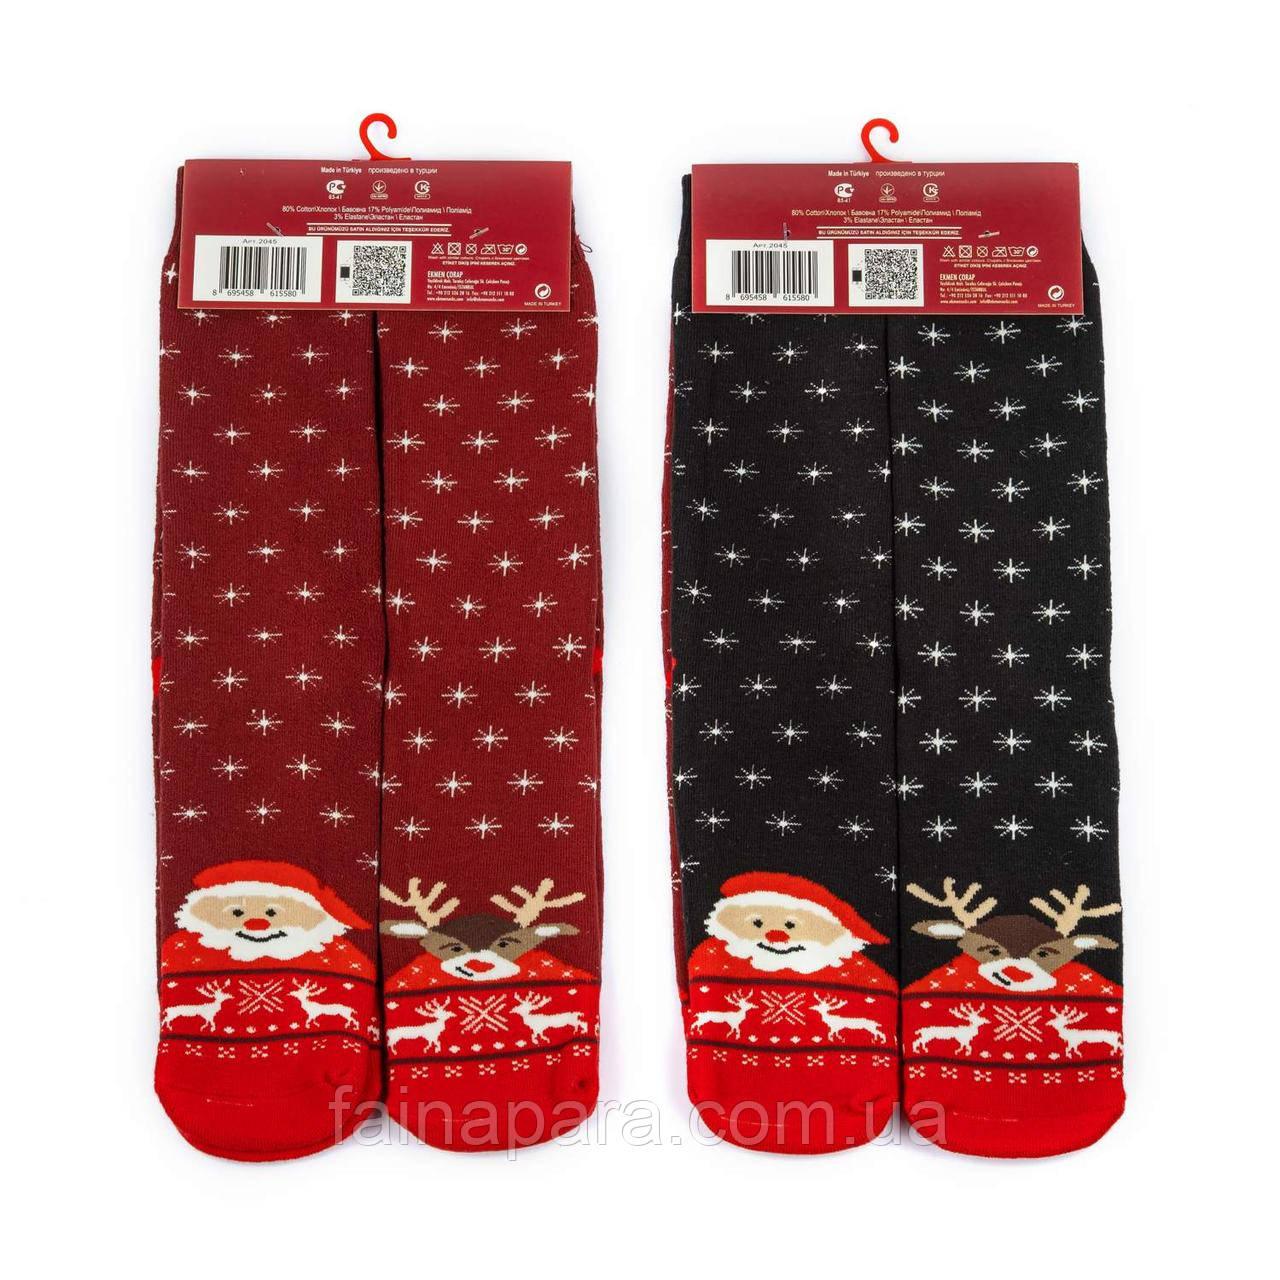 Новорічні жіночі махрові шкарпетки 2 пари